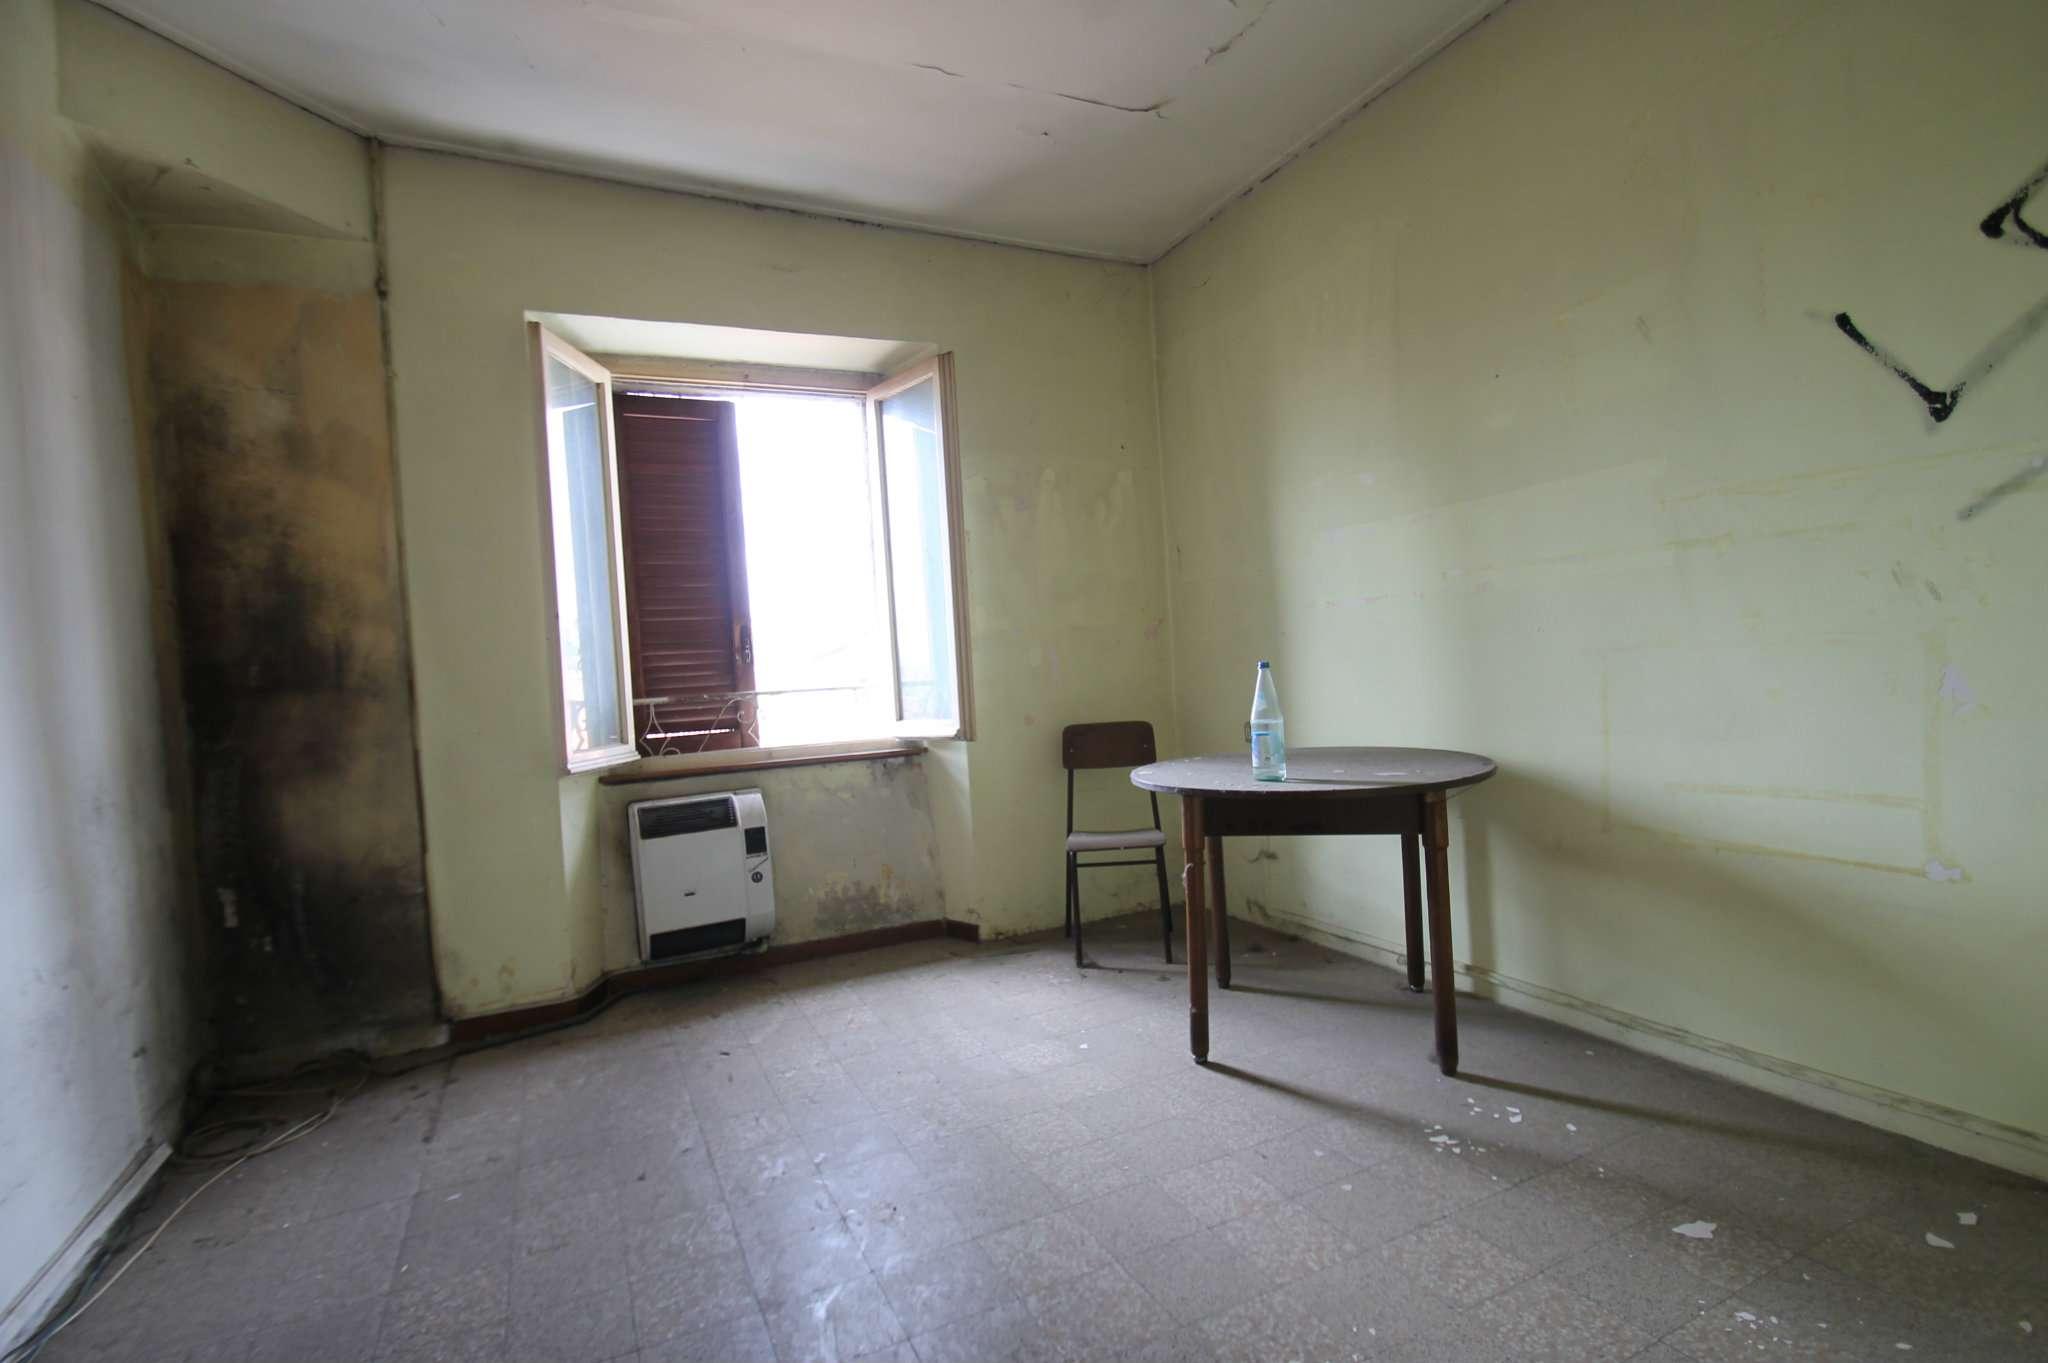 Appartamento da ristrutturare in vendita Rif. 5018832